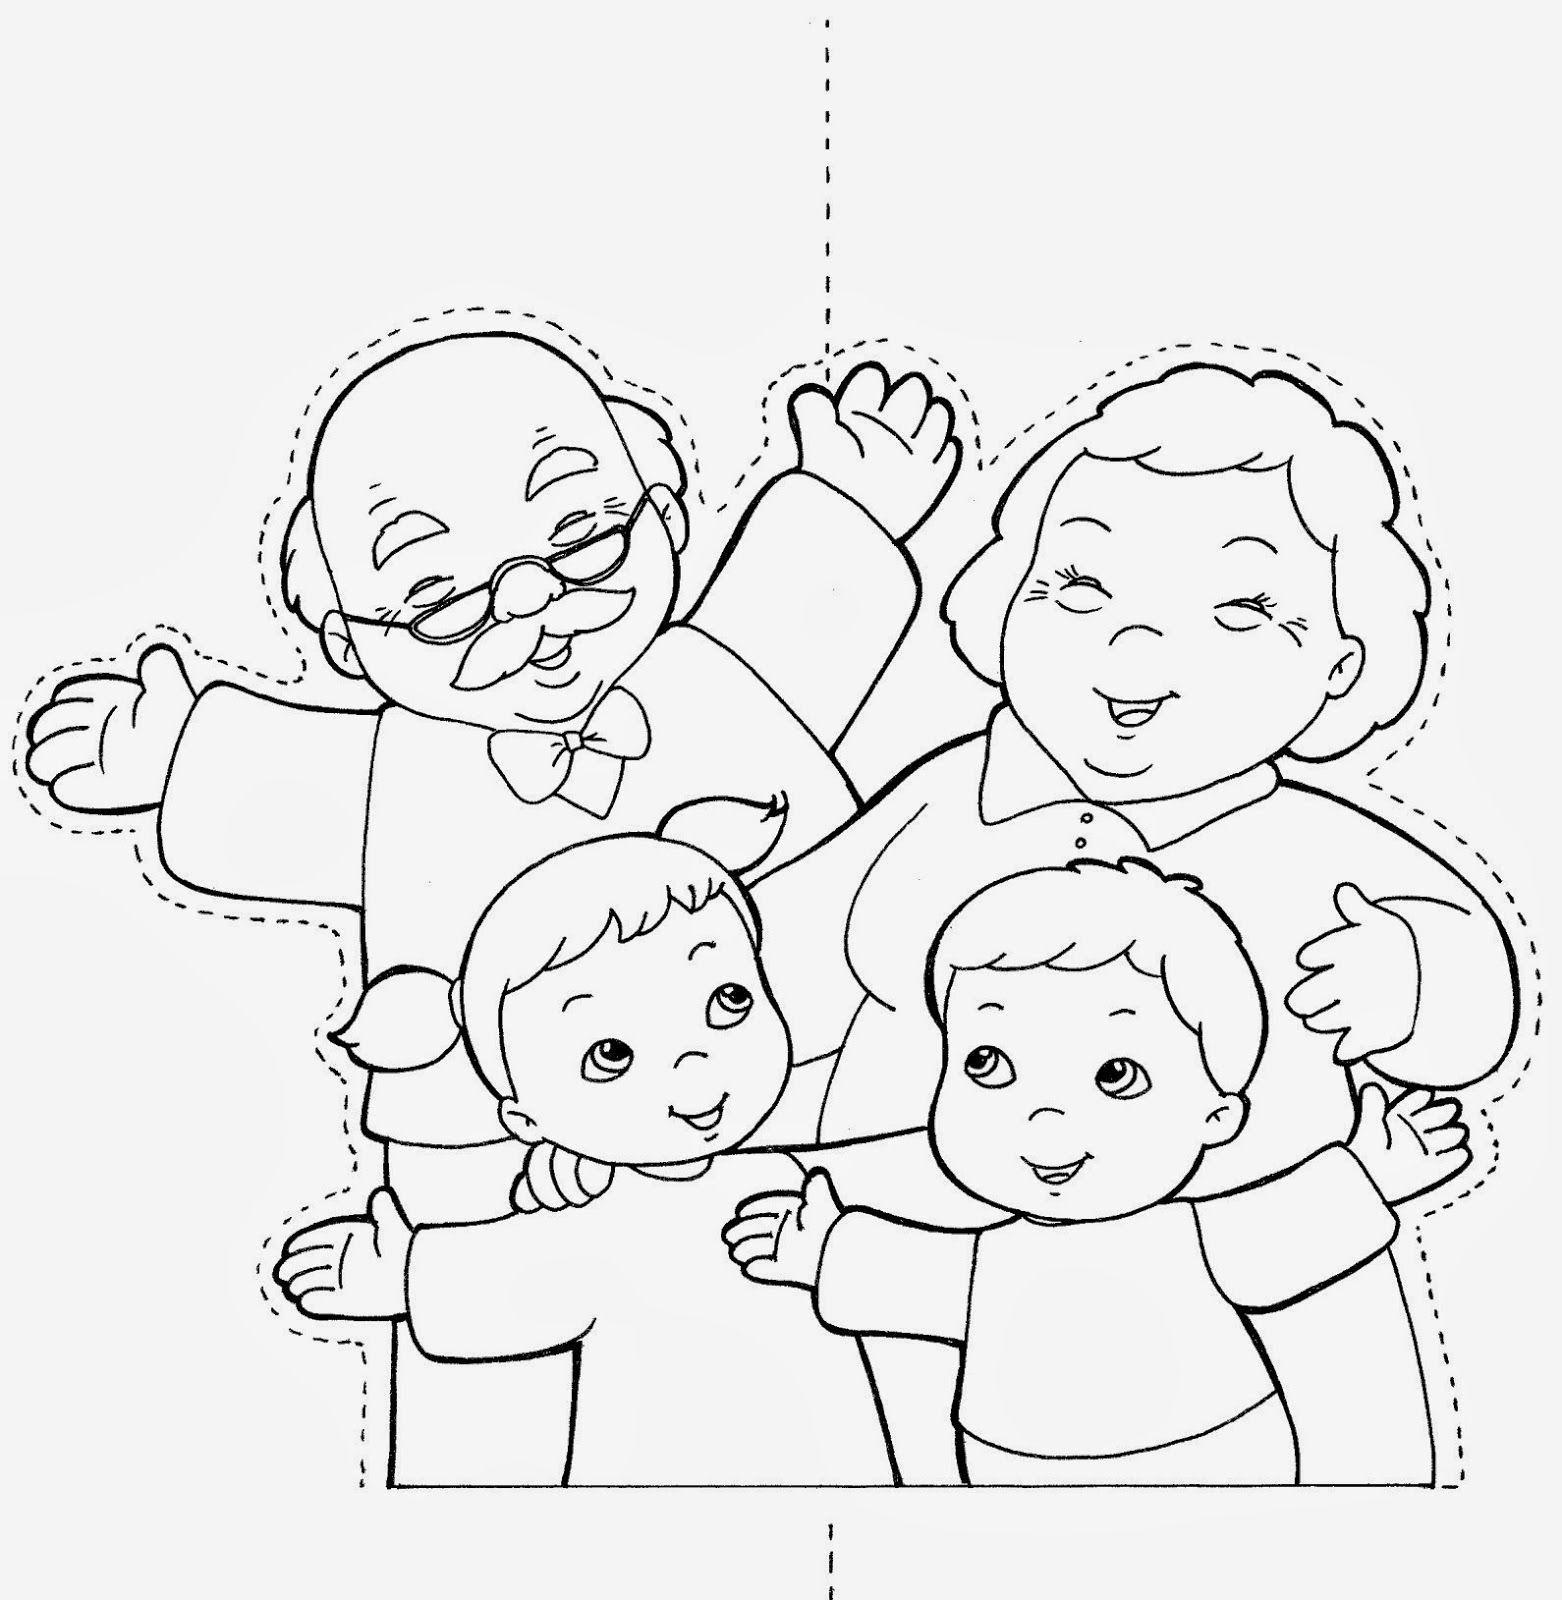 H Karta Poy Ftia3ame Einai Mia Karta Poy Eidame Sto Internet De 8ymamai To Site Grootouders Thema Mijn Familie